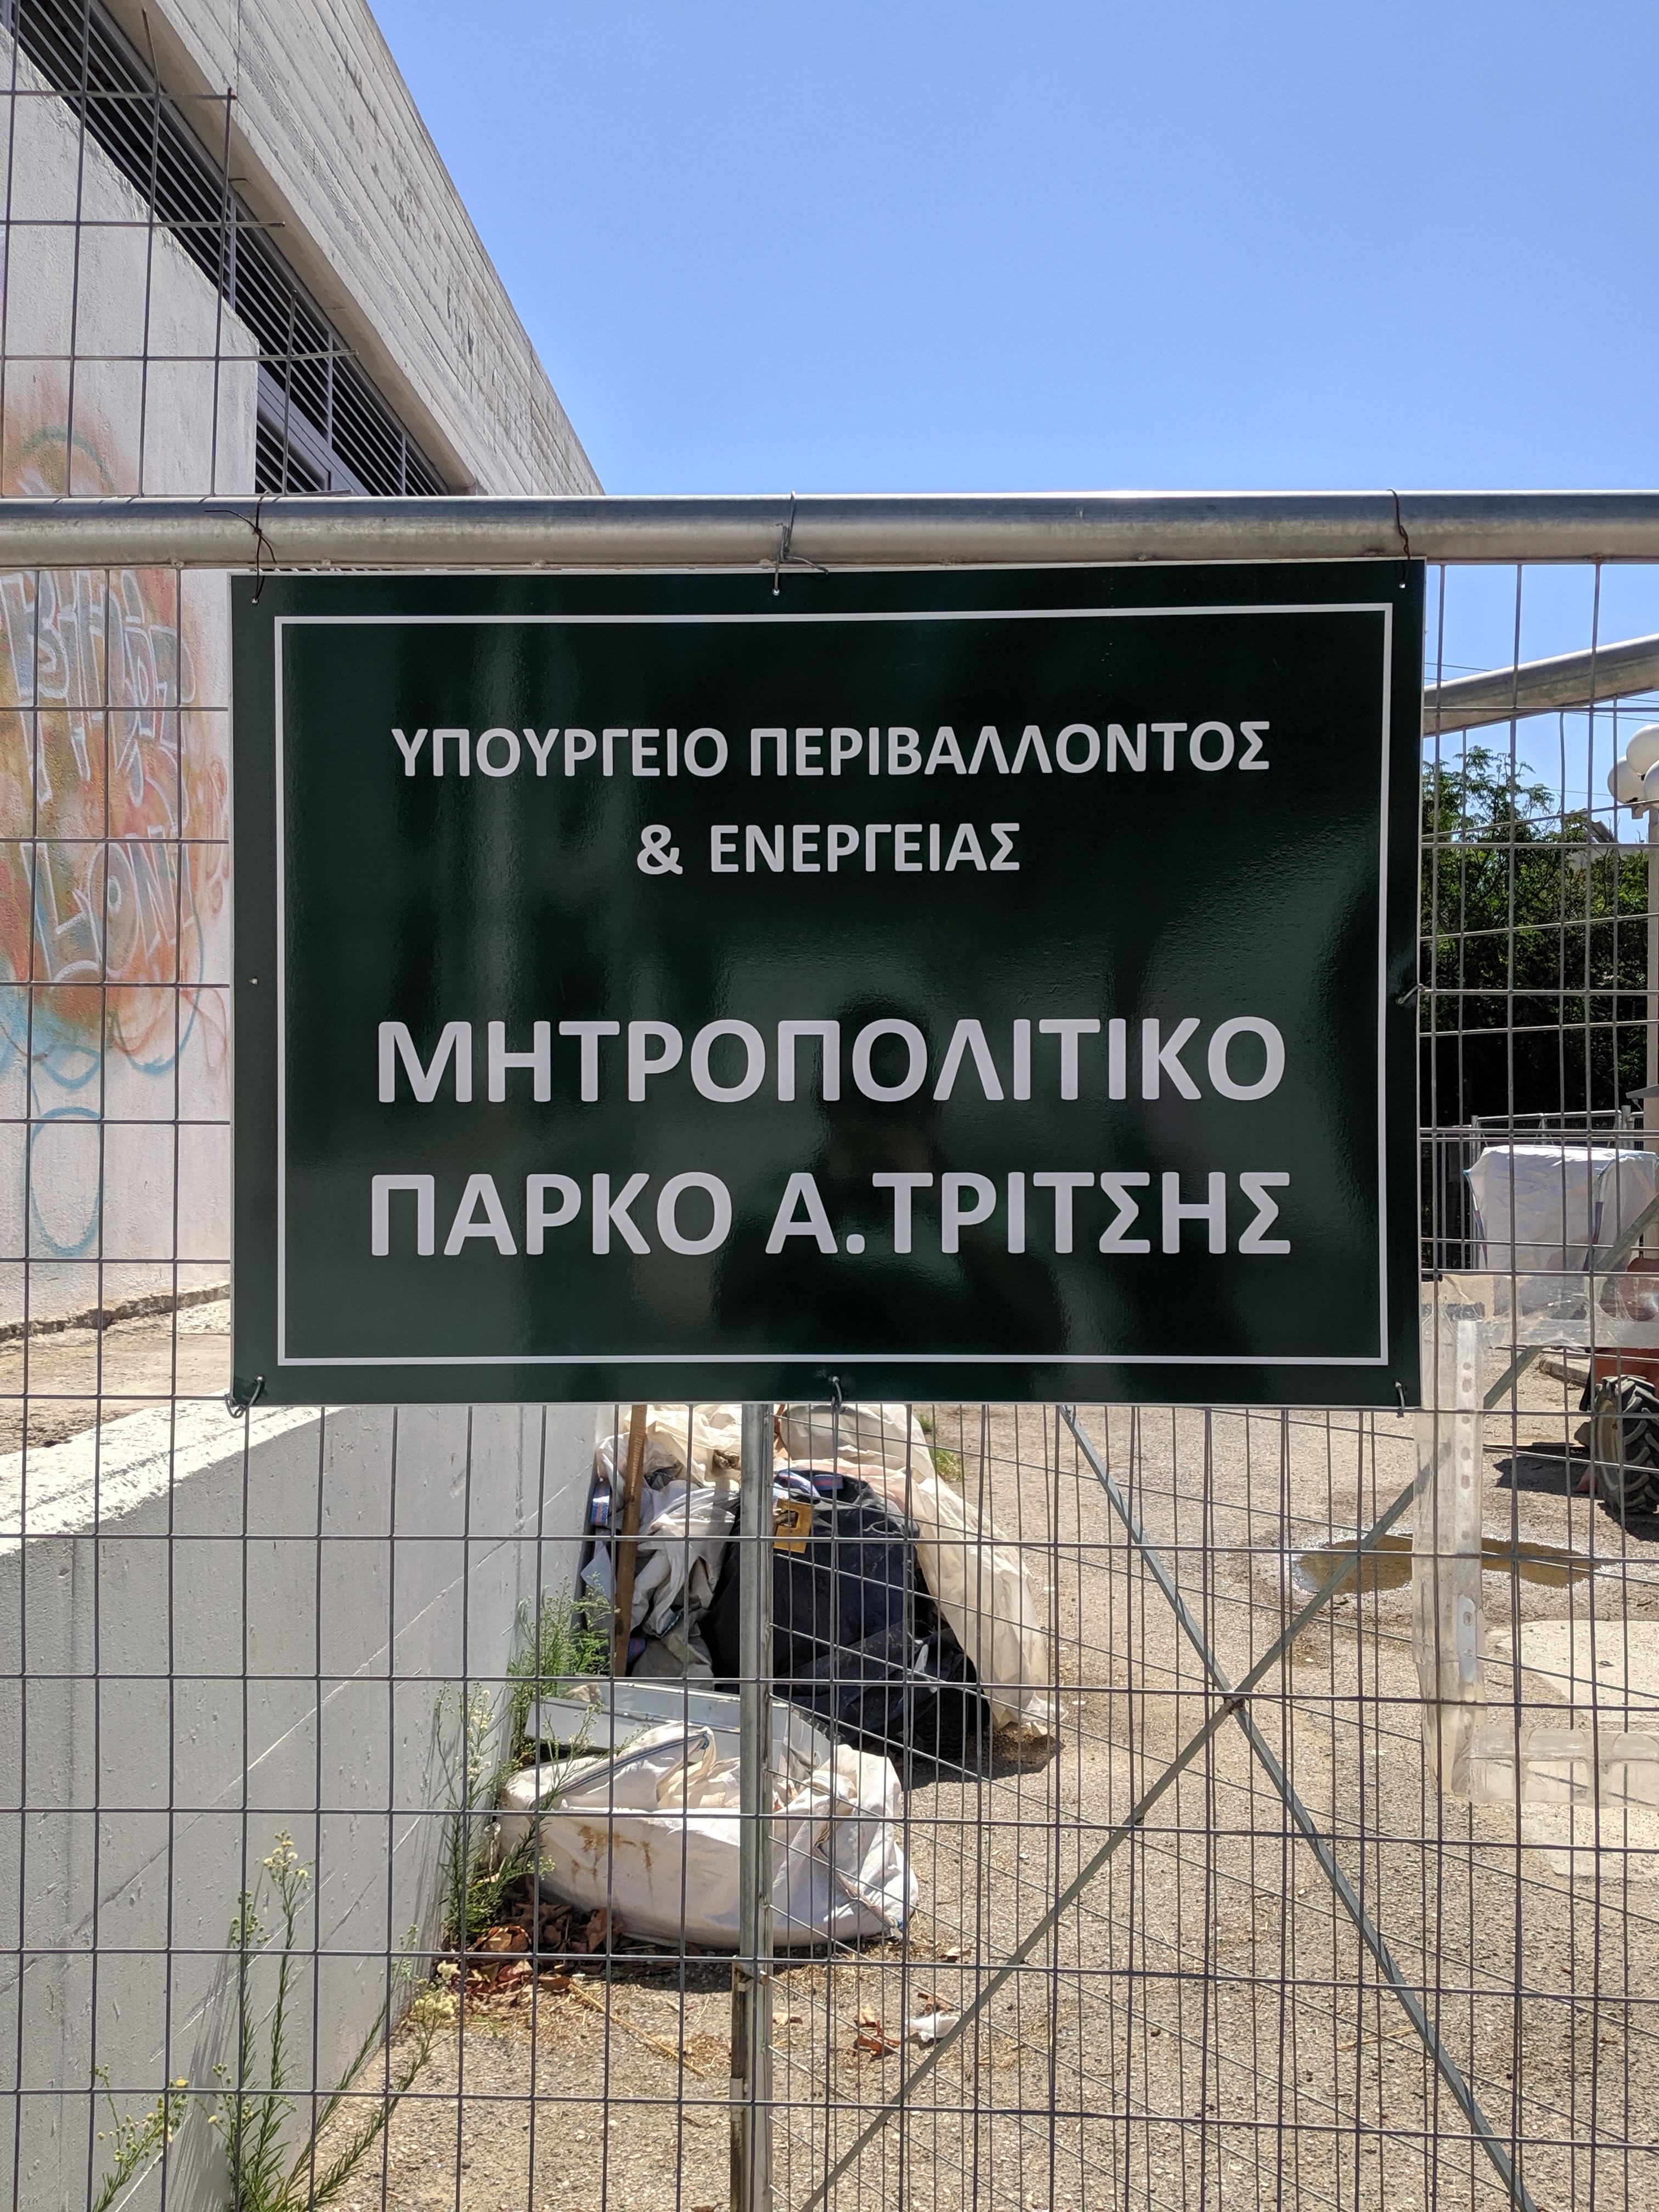 ΠΑΡΚΟ ΤΡΙΤΣΗ1